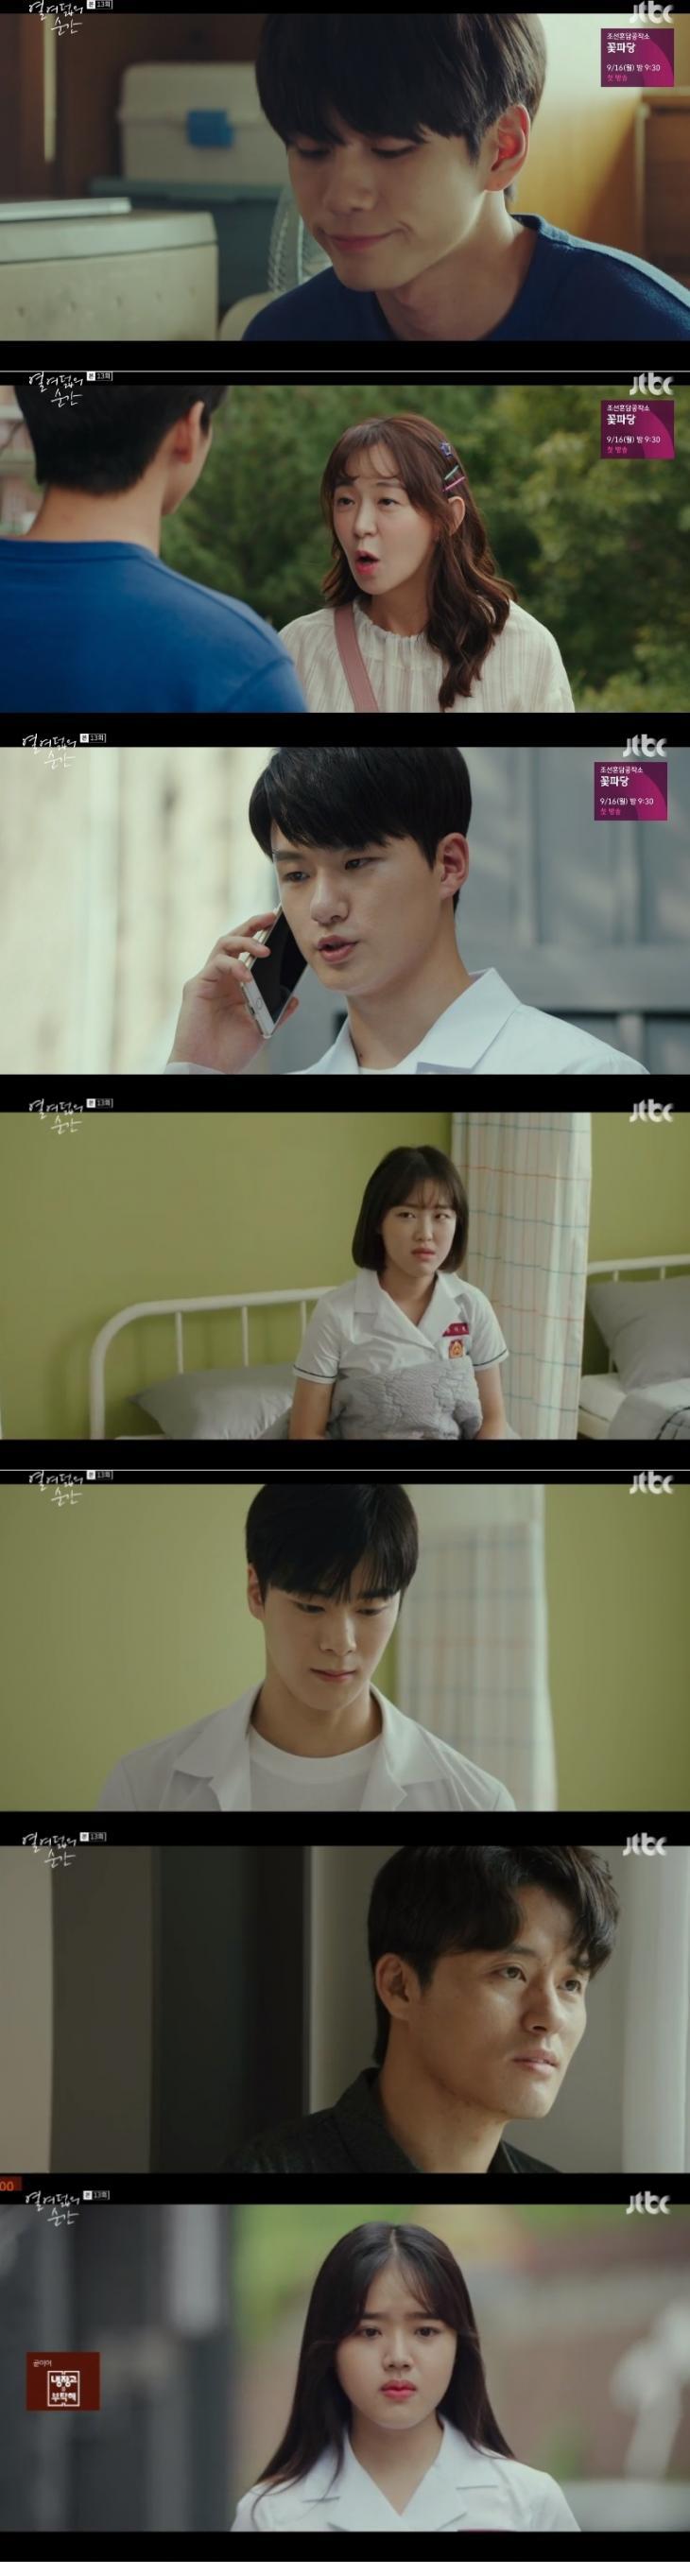 옹성우 김향기 신승호 / JTBC '열여덟의순간' 캡처